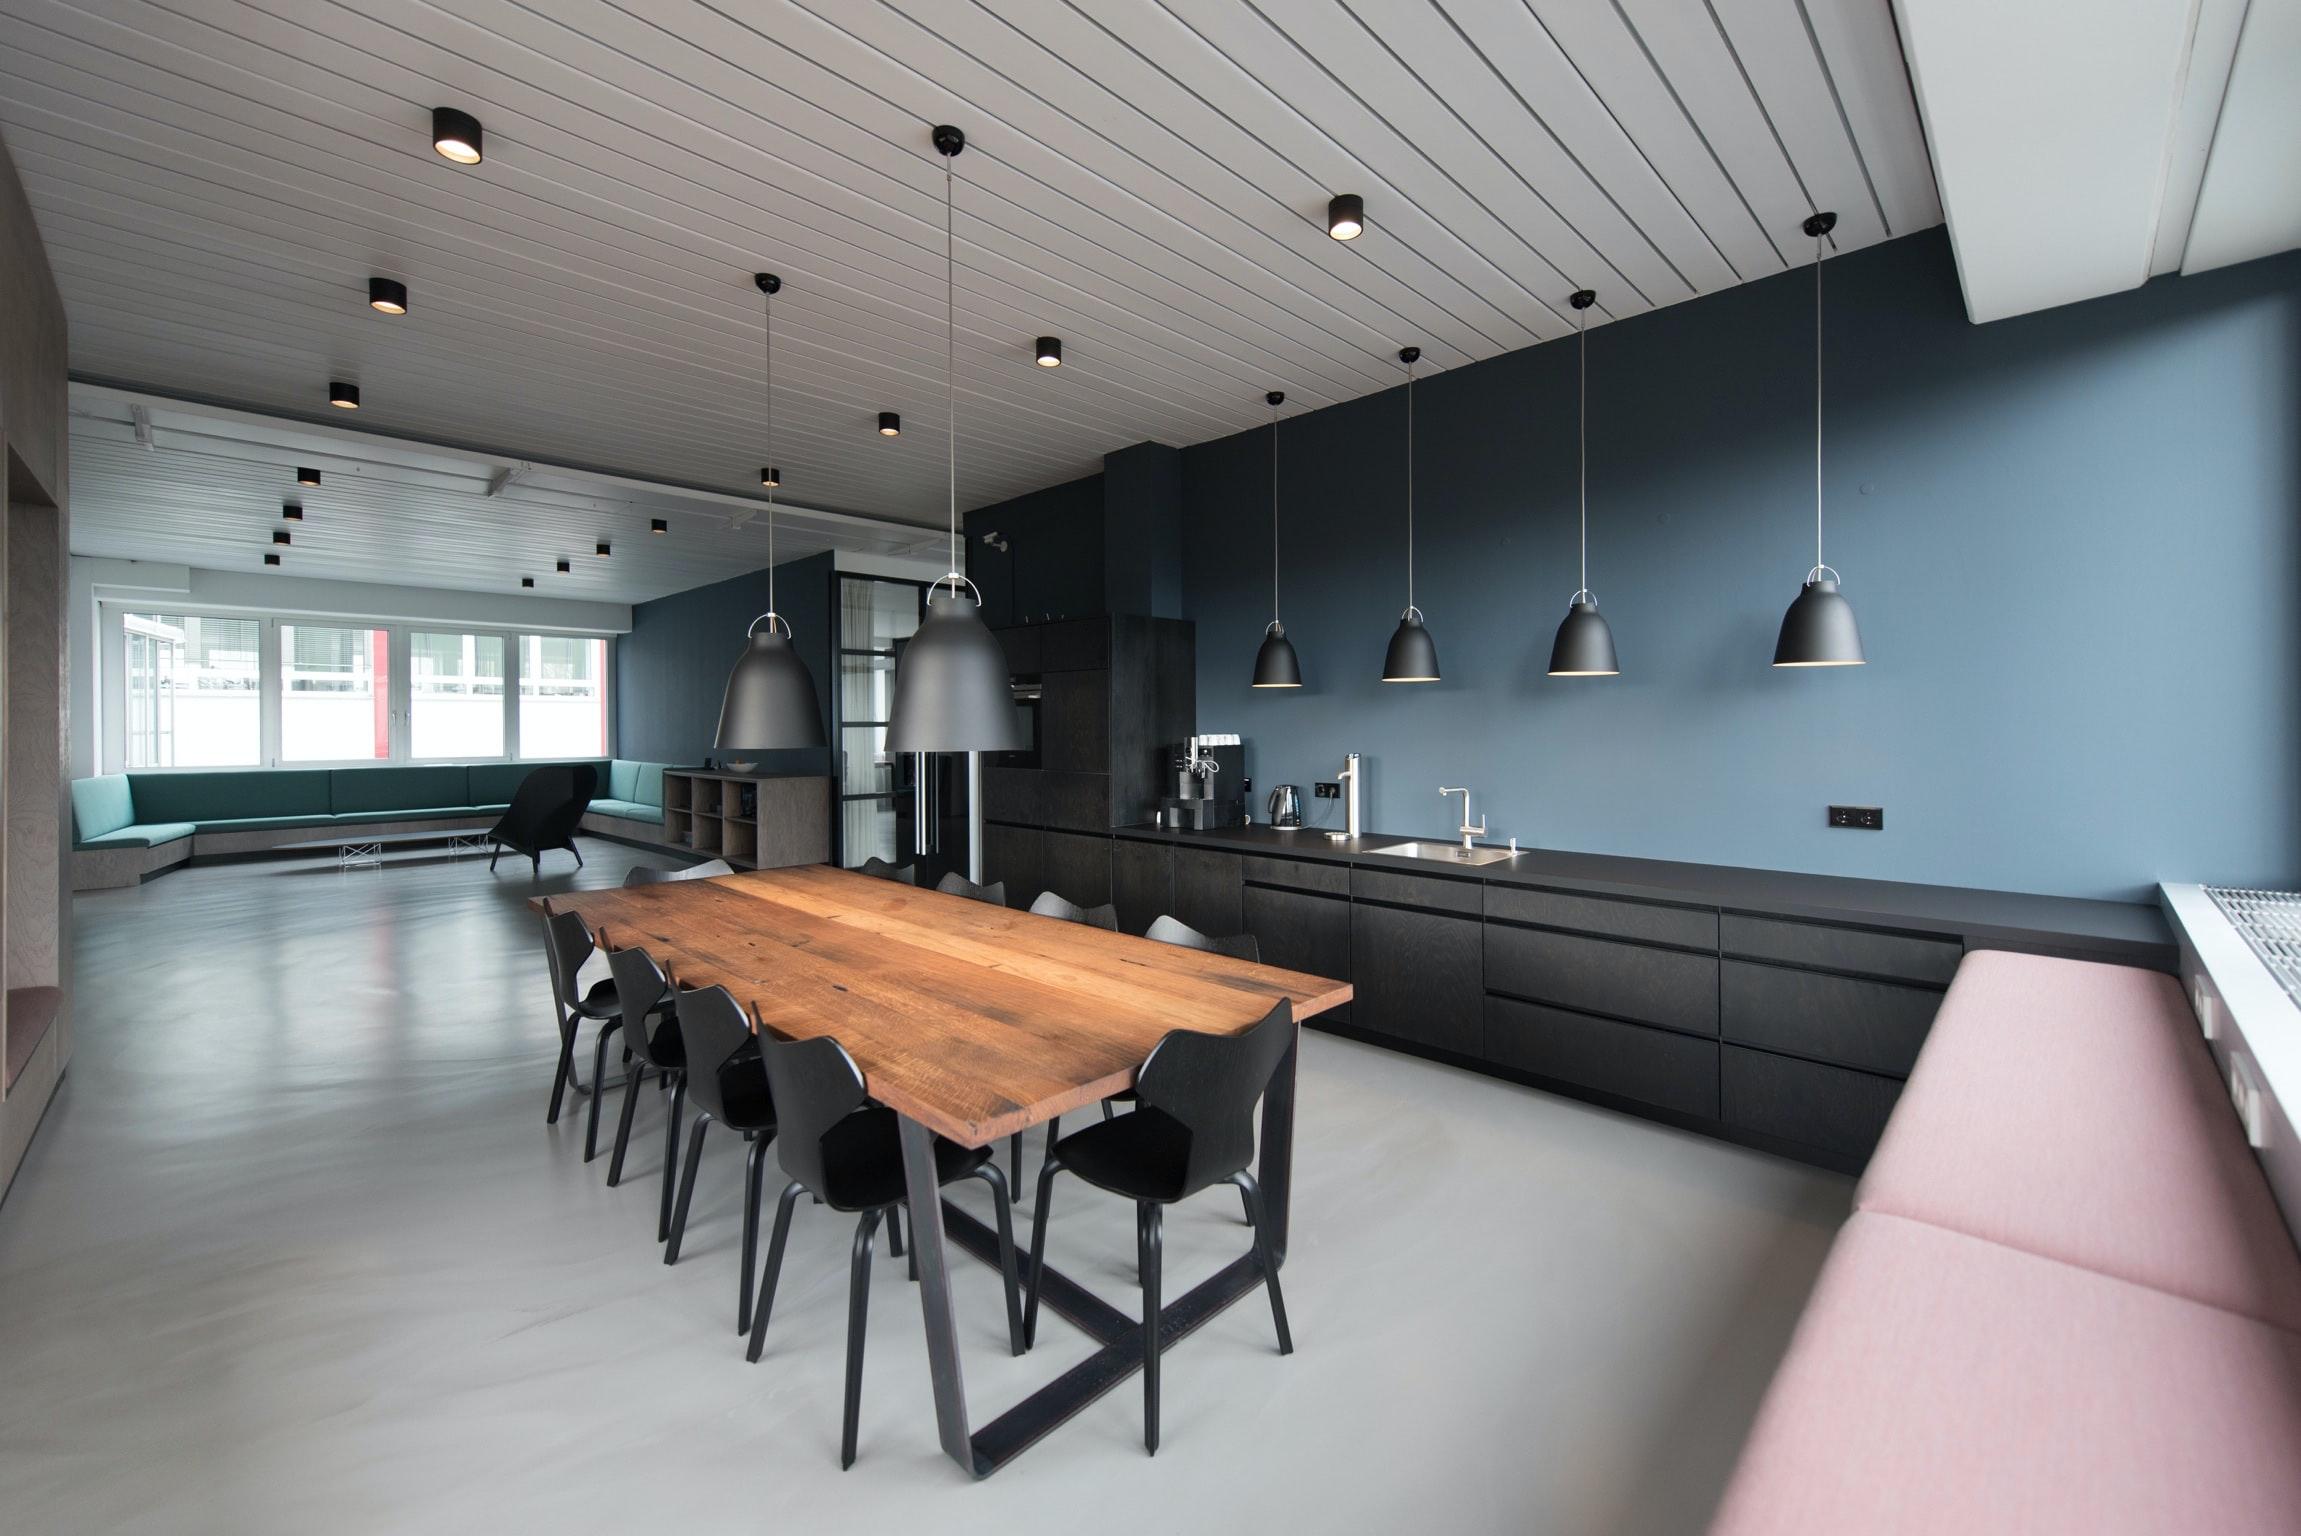 pret design interior